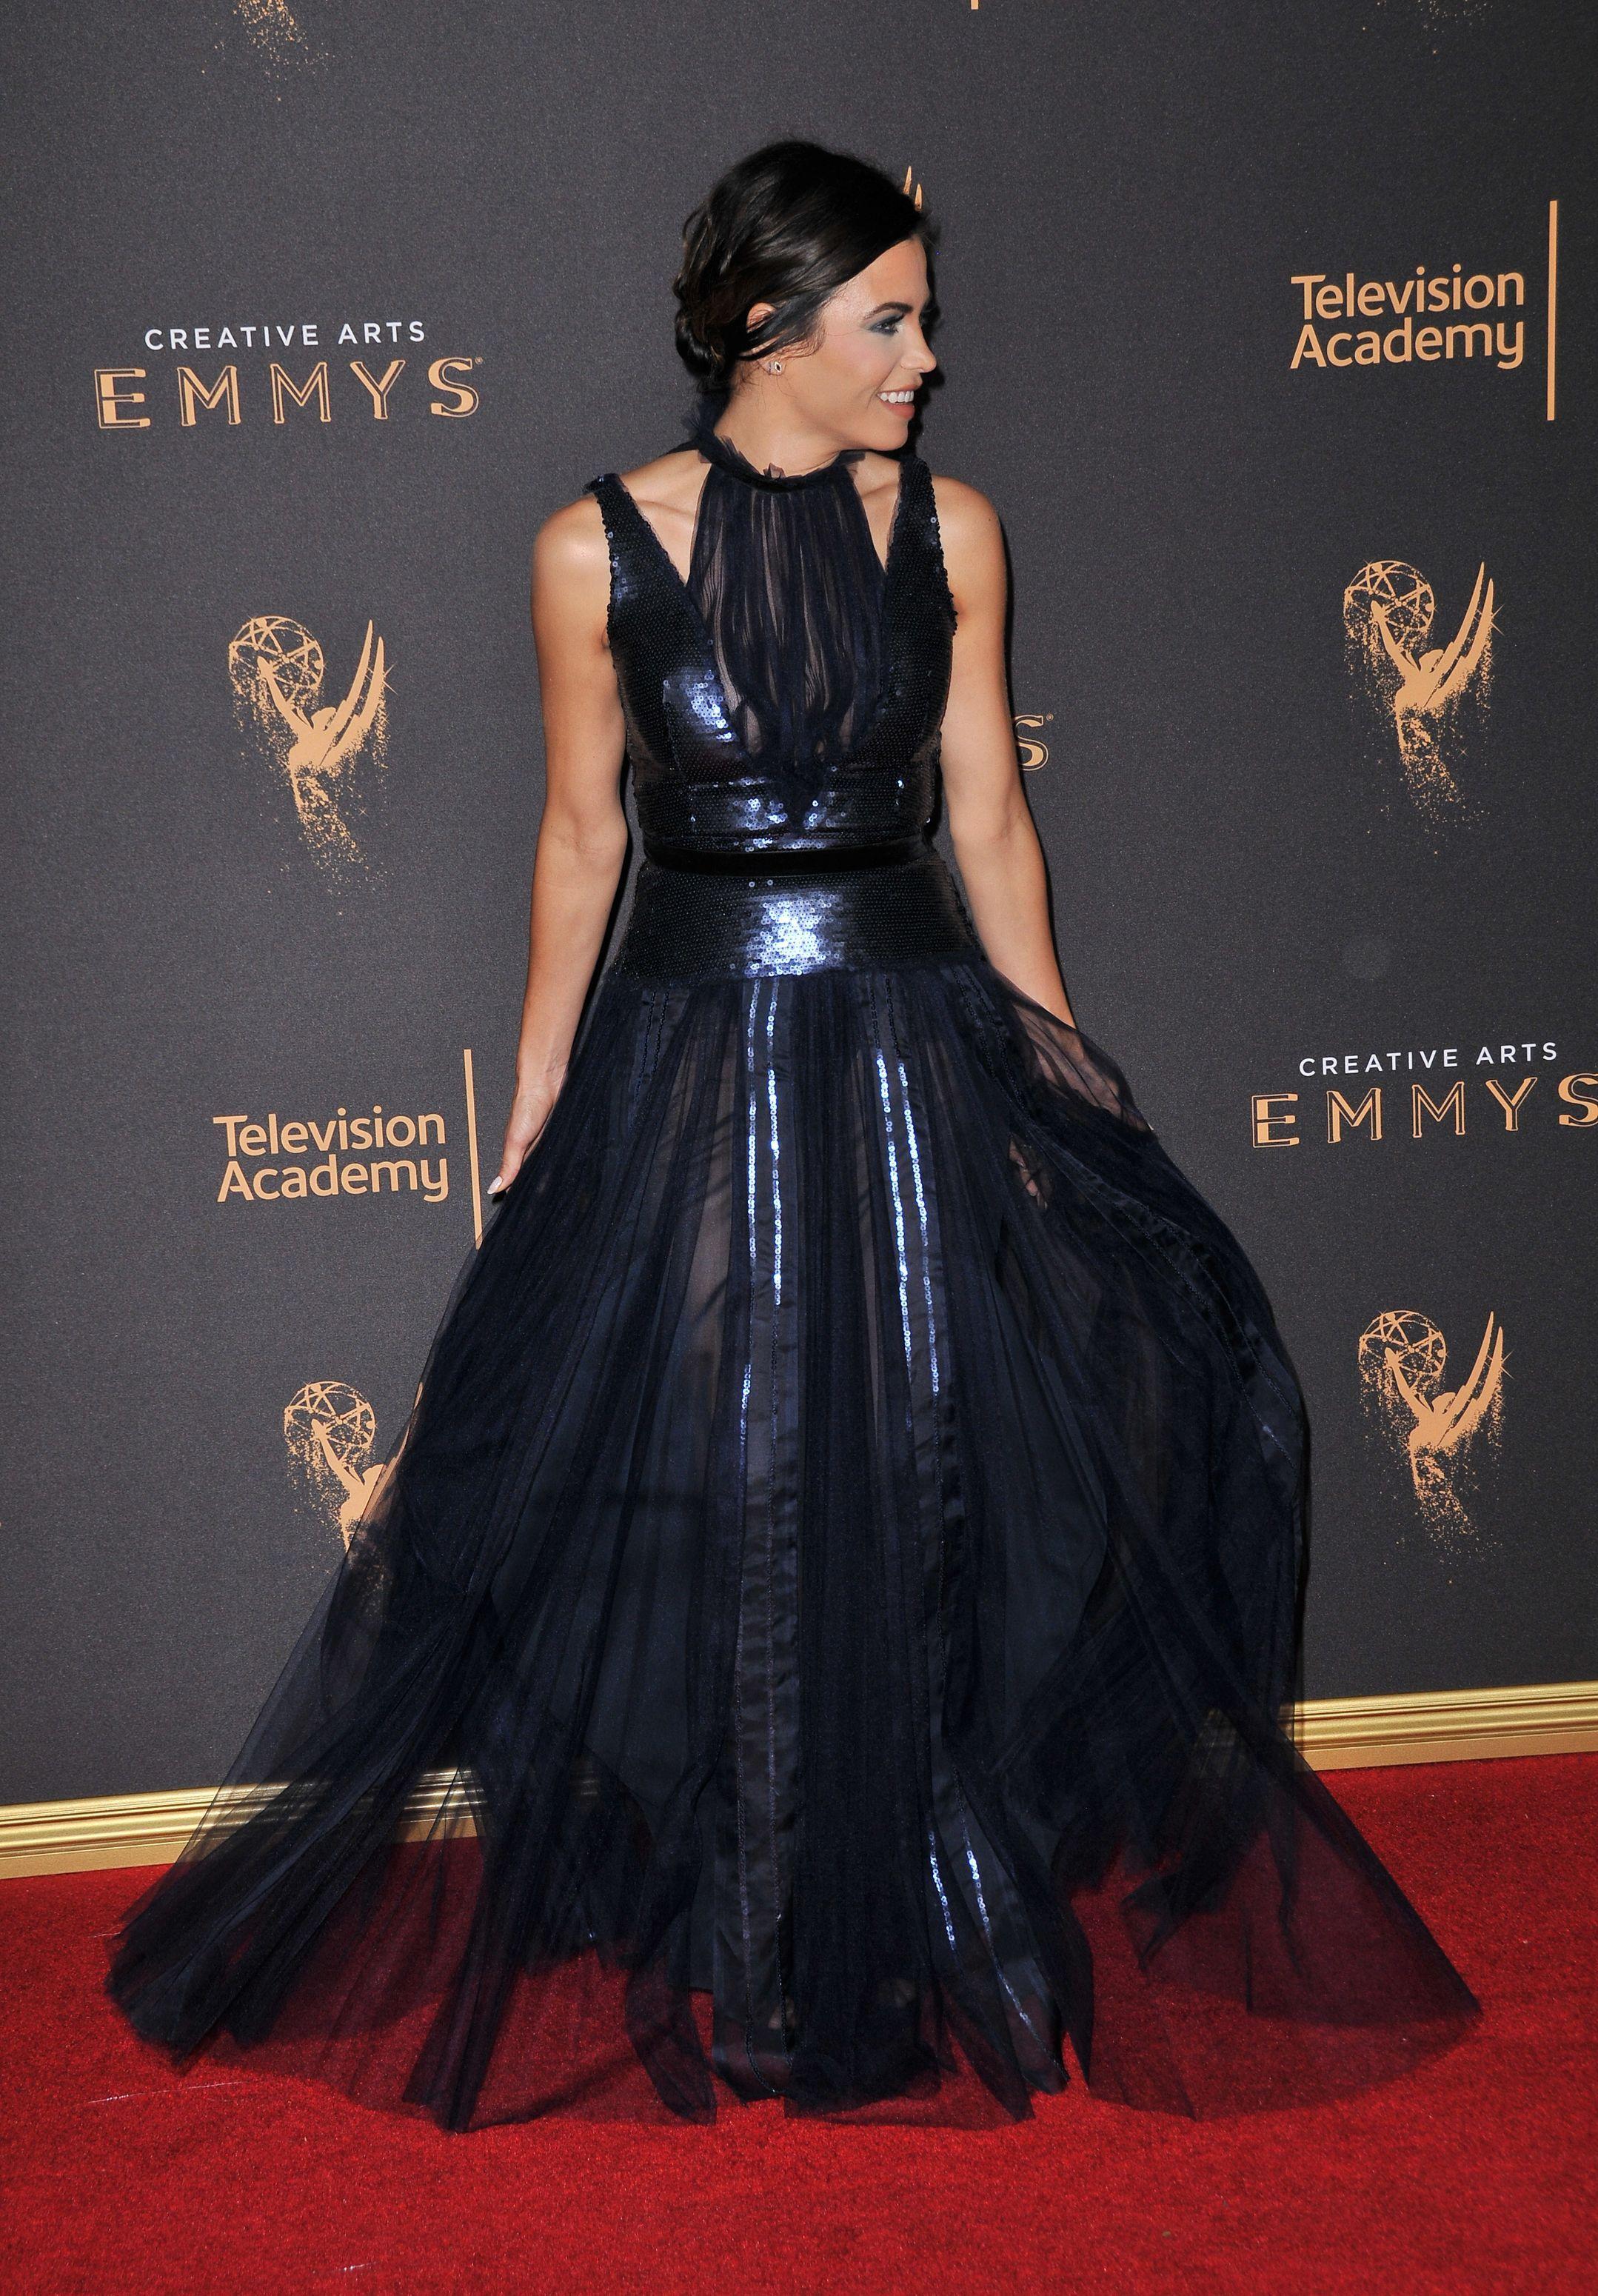 Jenna Dewan Tatum💙 Channing Tatum Pinterest